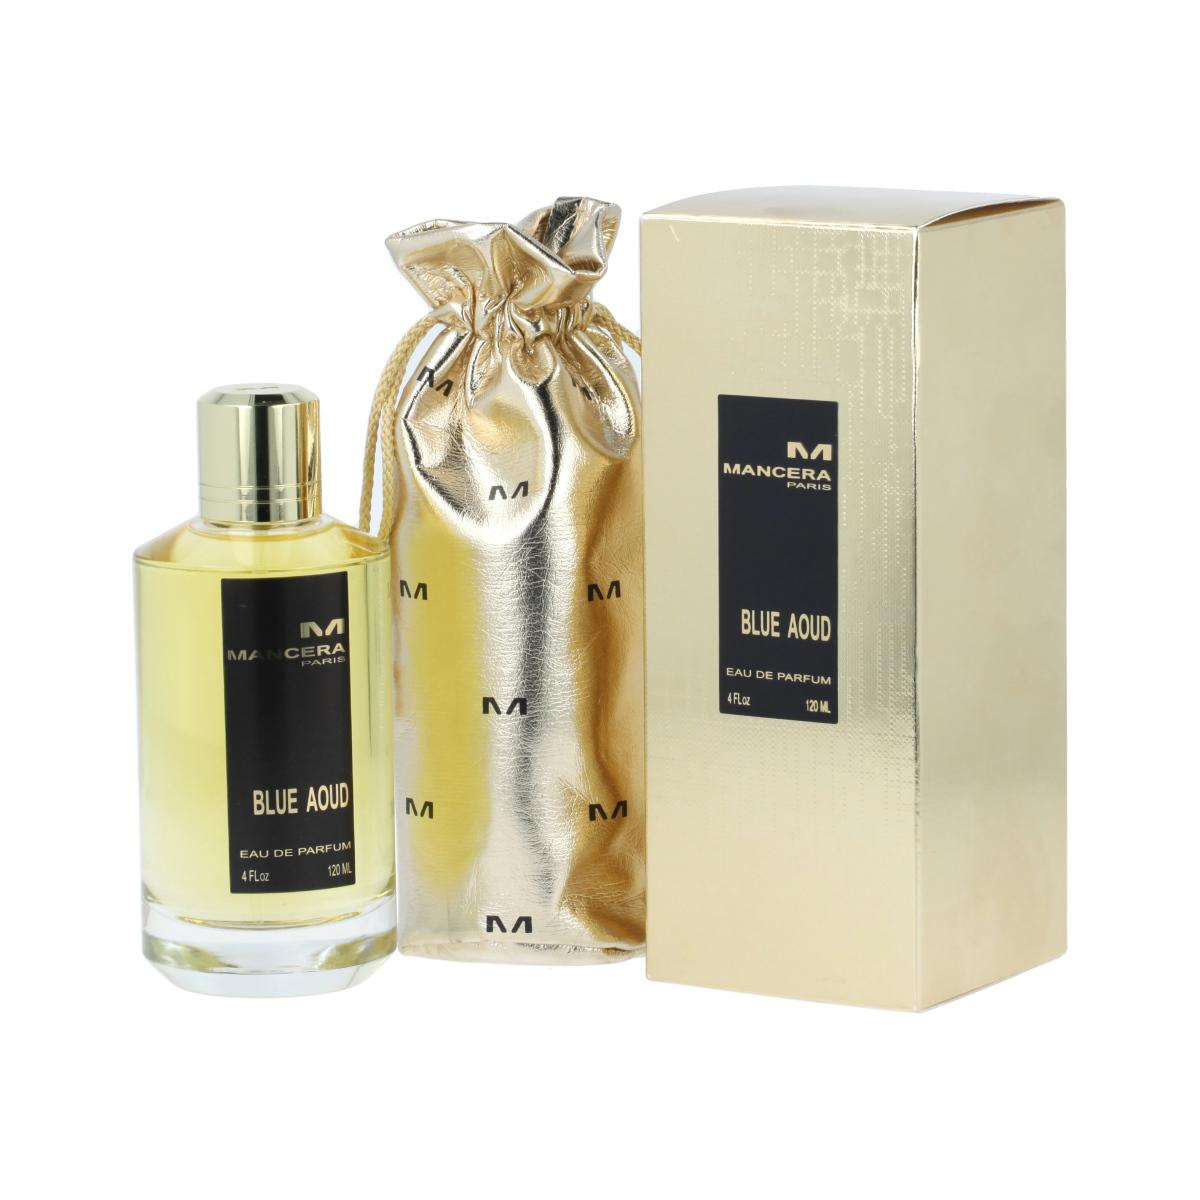 Mancera Paris Blue Aoud Eau De Parfum 120 ml (unisex) 10911